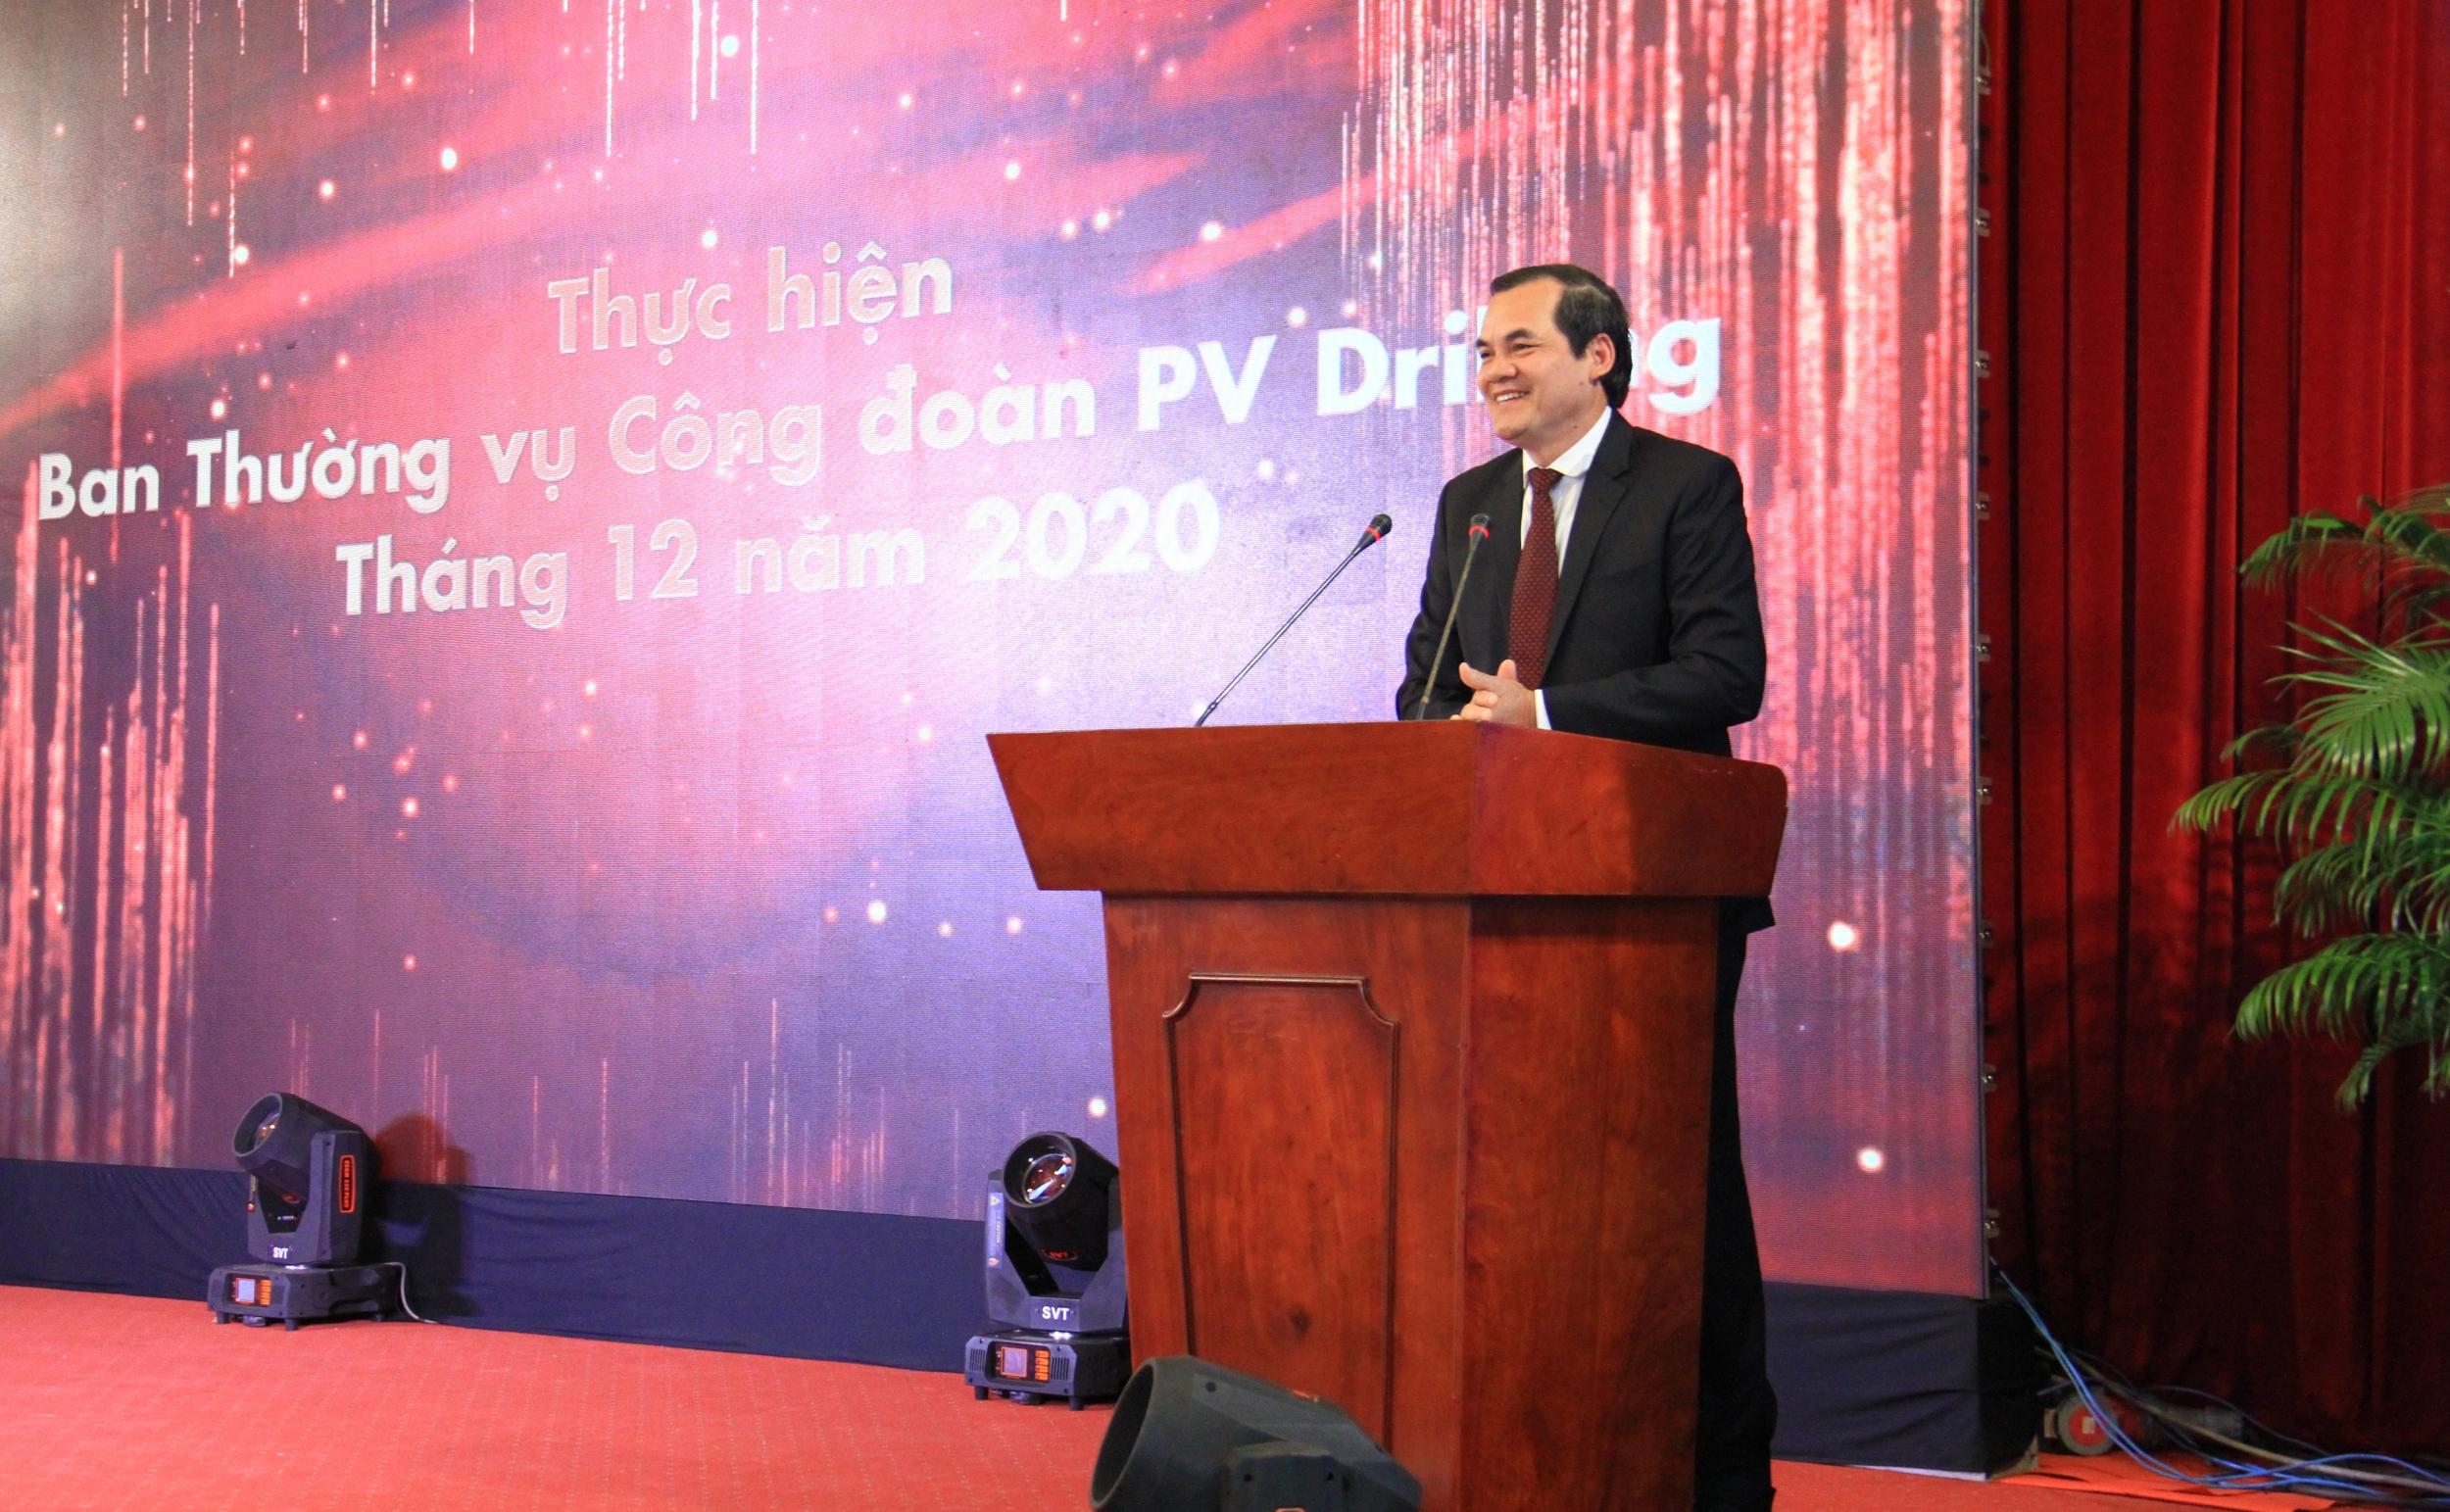 Chủ tịch Công đoàn PV Drilling Hồ Trọng Thoán báo cáo